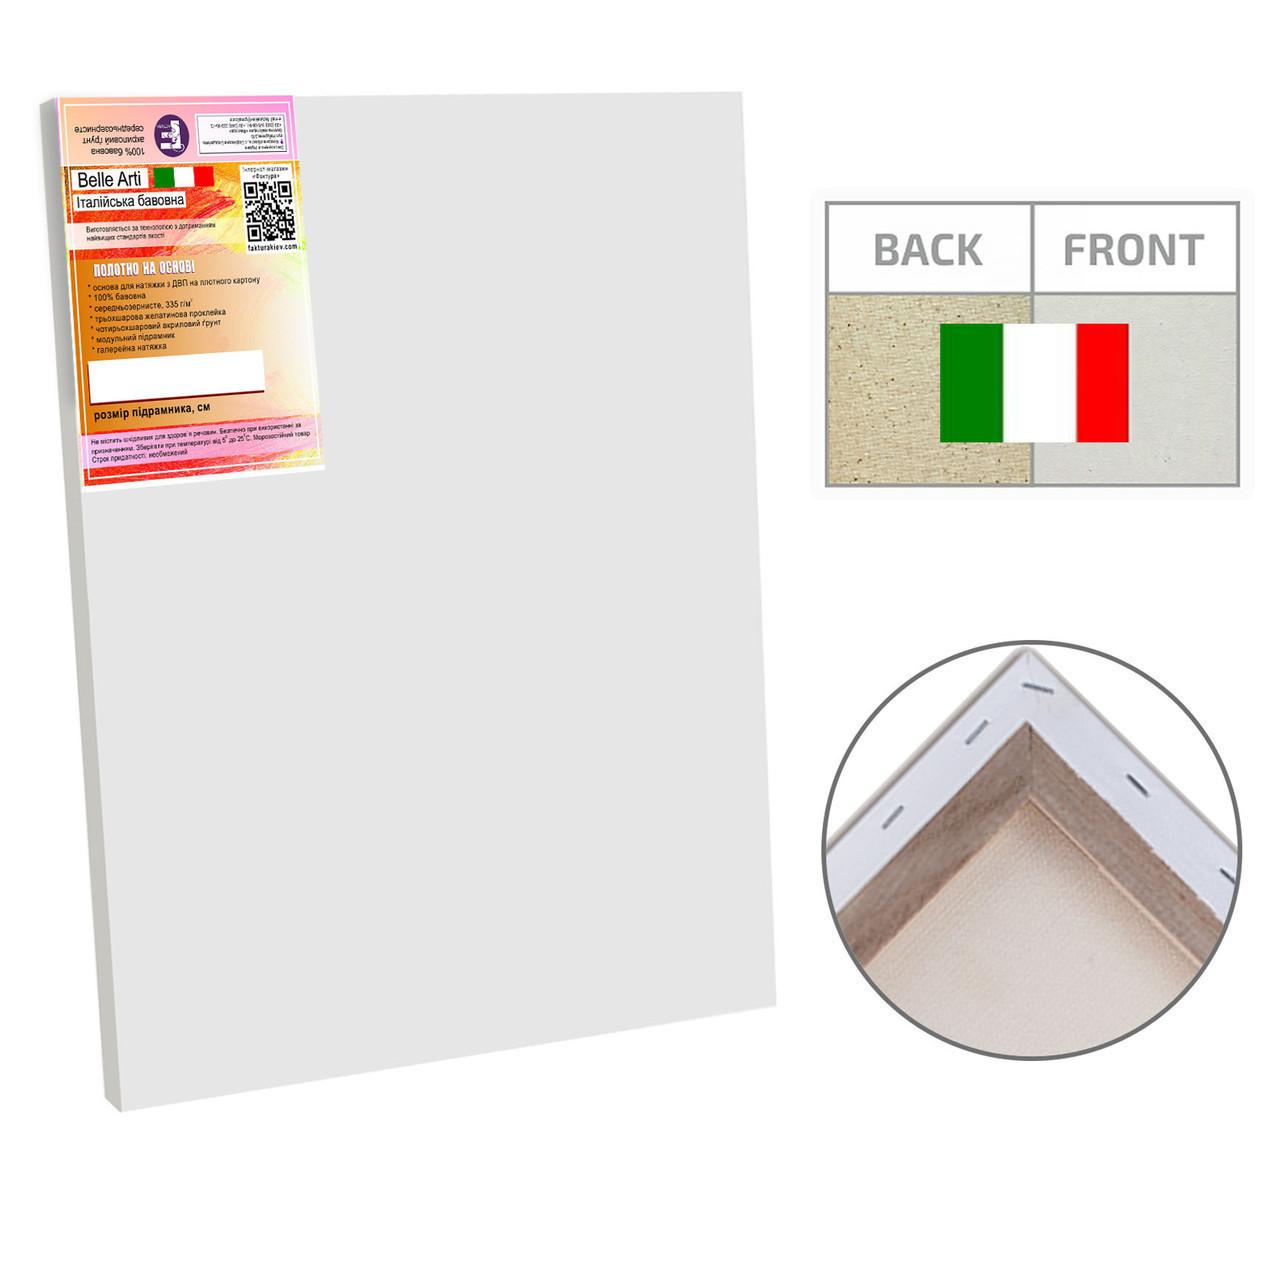 Холст на подрамнике Factura BelleArti 70х90см Итальянский хлопок 285 грамм кв.м. среднее зерно белый